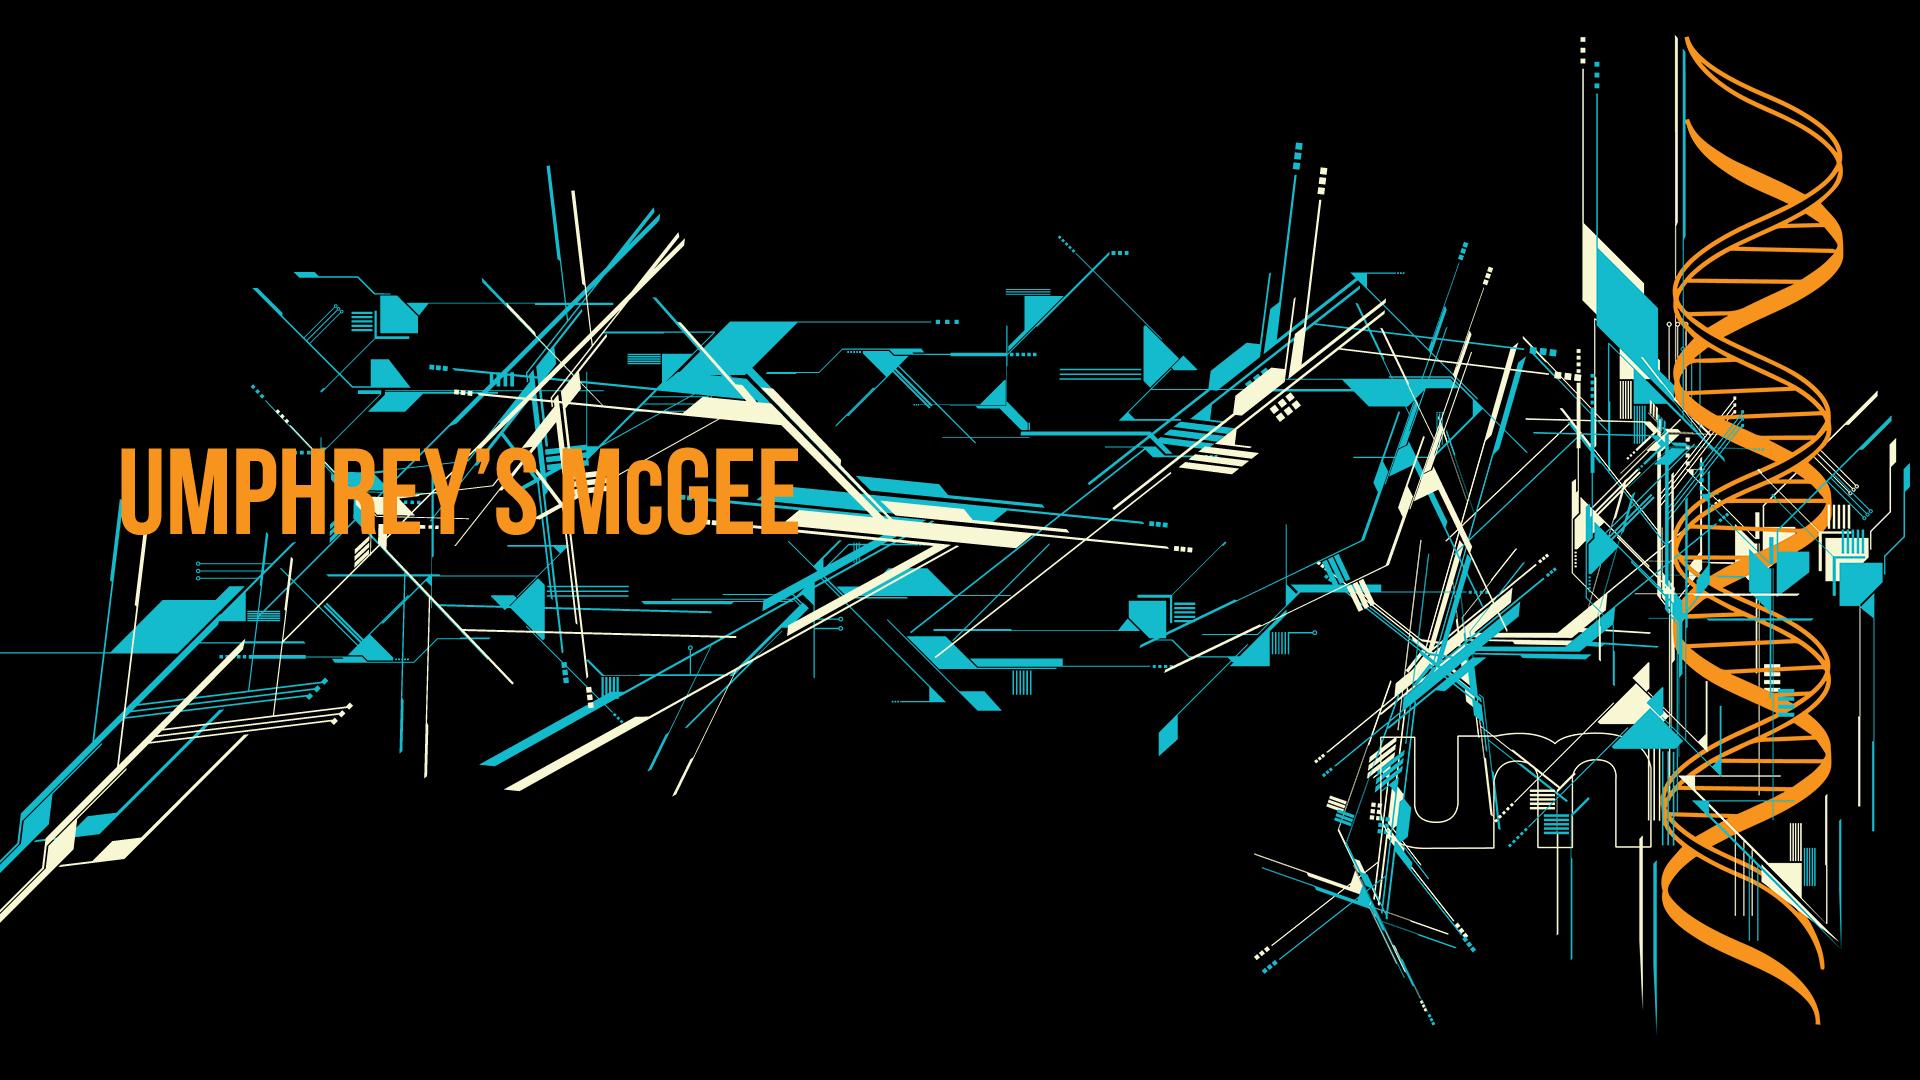 Umphrey's McGee Helix 16x9